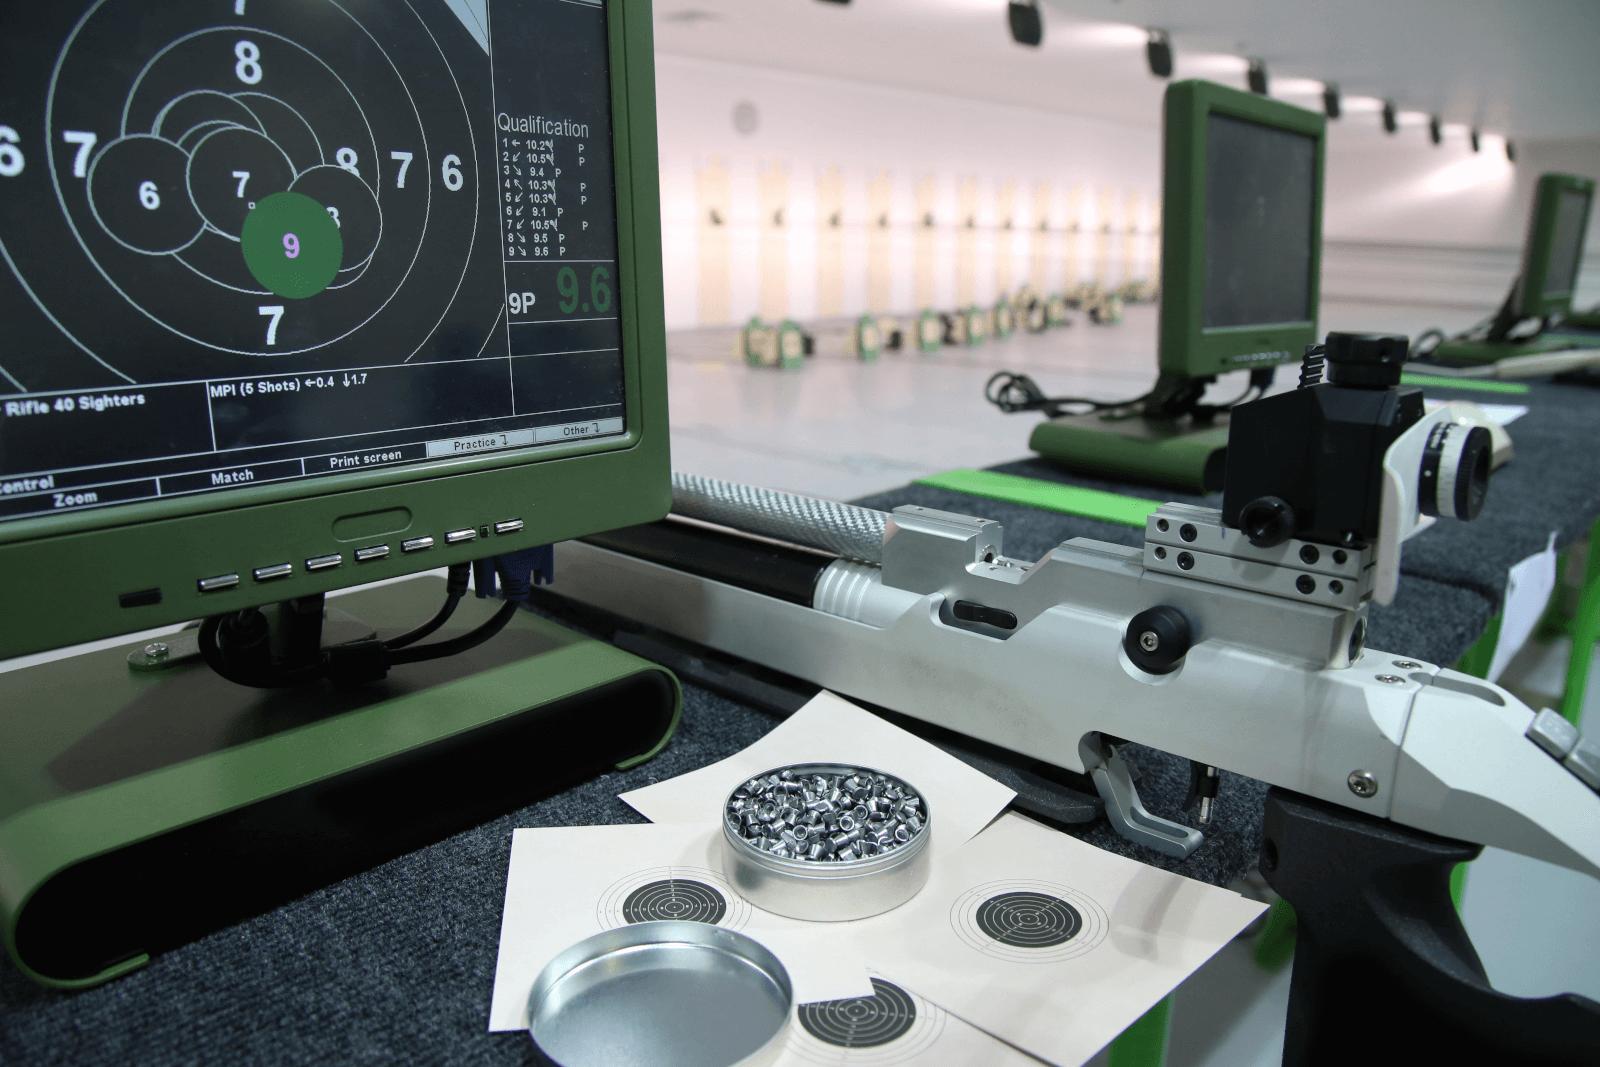 Das Bild zeigt einen Schießstand mit den Geräten von SUIS. Im Vordergrund des Bildes ist ein Monitor von SUIS, Patronenhülsen und ein silbernes Luftgewehr zu erkennen. Auf dem Bildschirm des Monitors werden die Treffer des Schützen angezeigt. Im Hintergrund des Bildes sieht man weitere Monitore, sowie die Schießhalle verschwommen.